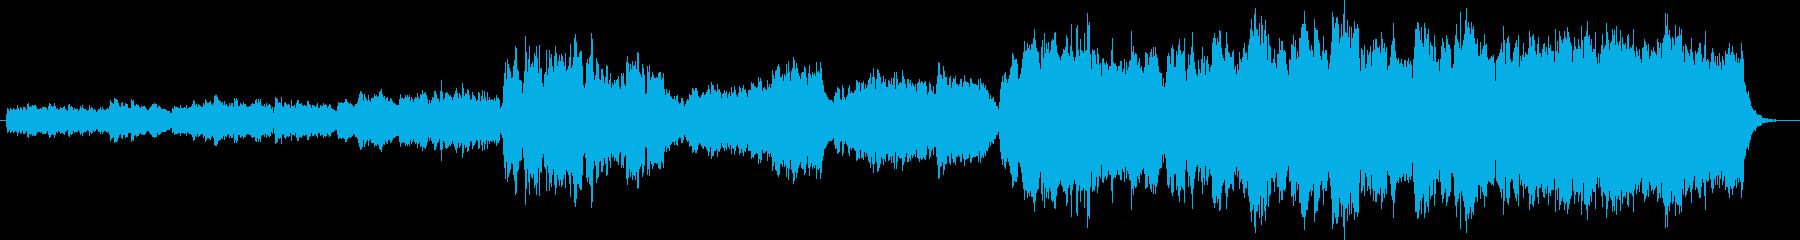 ホラー物のBGMのイメージです。の再生済みの波形